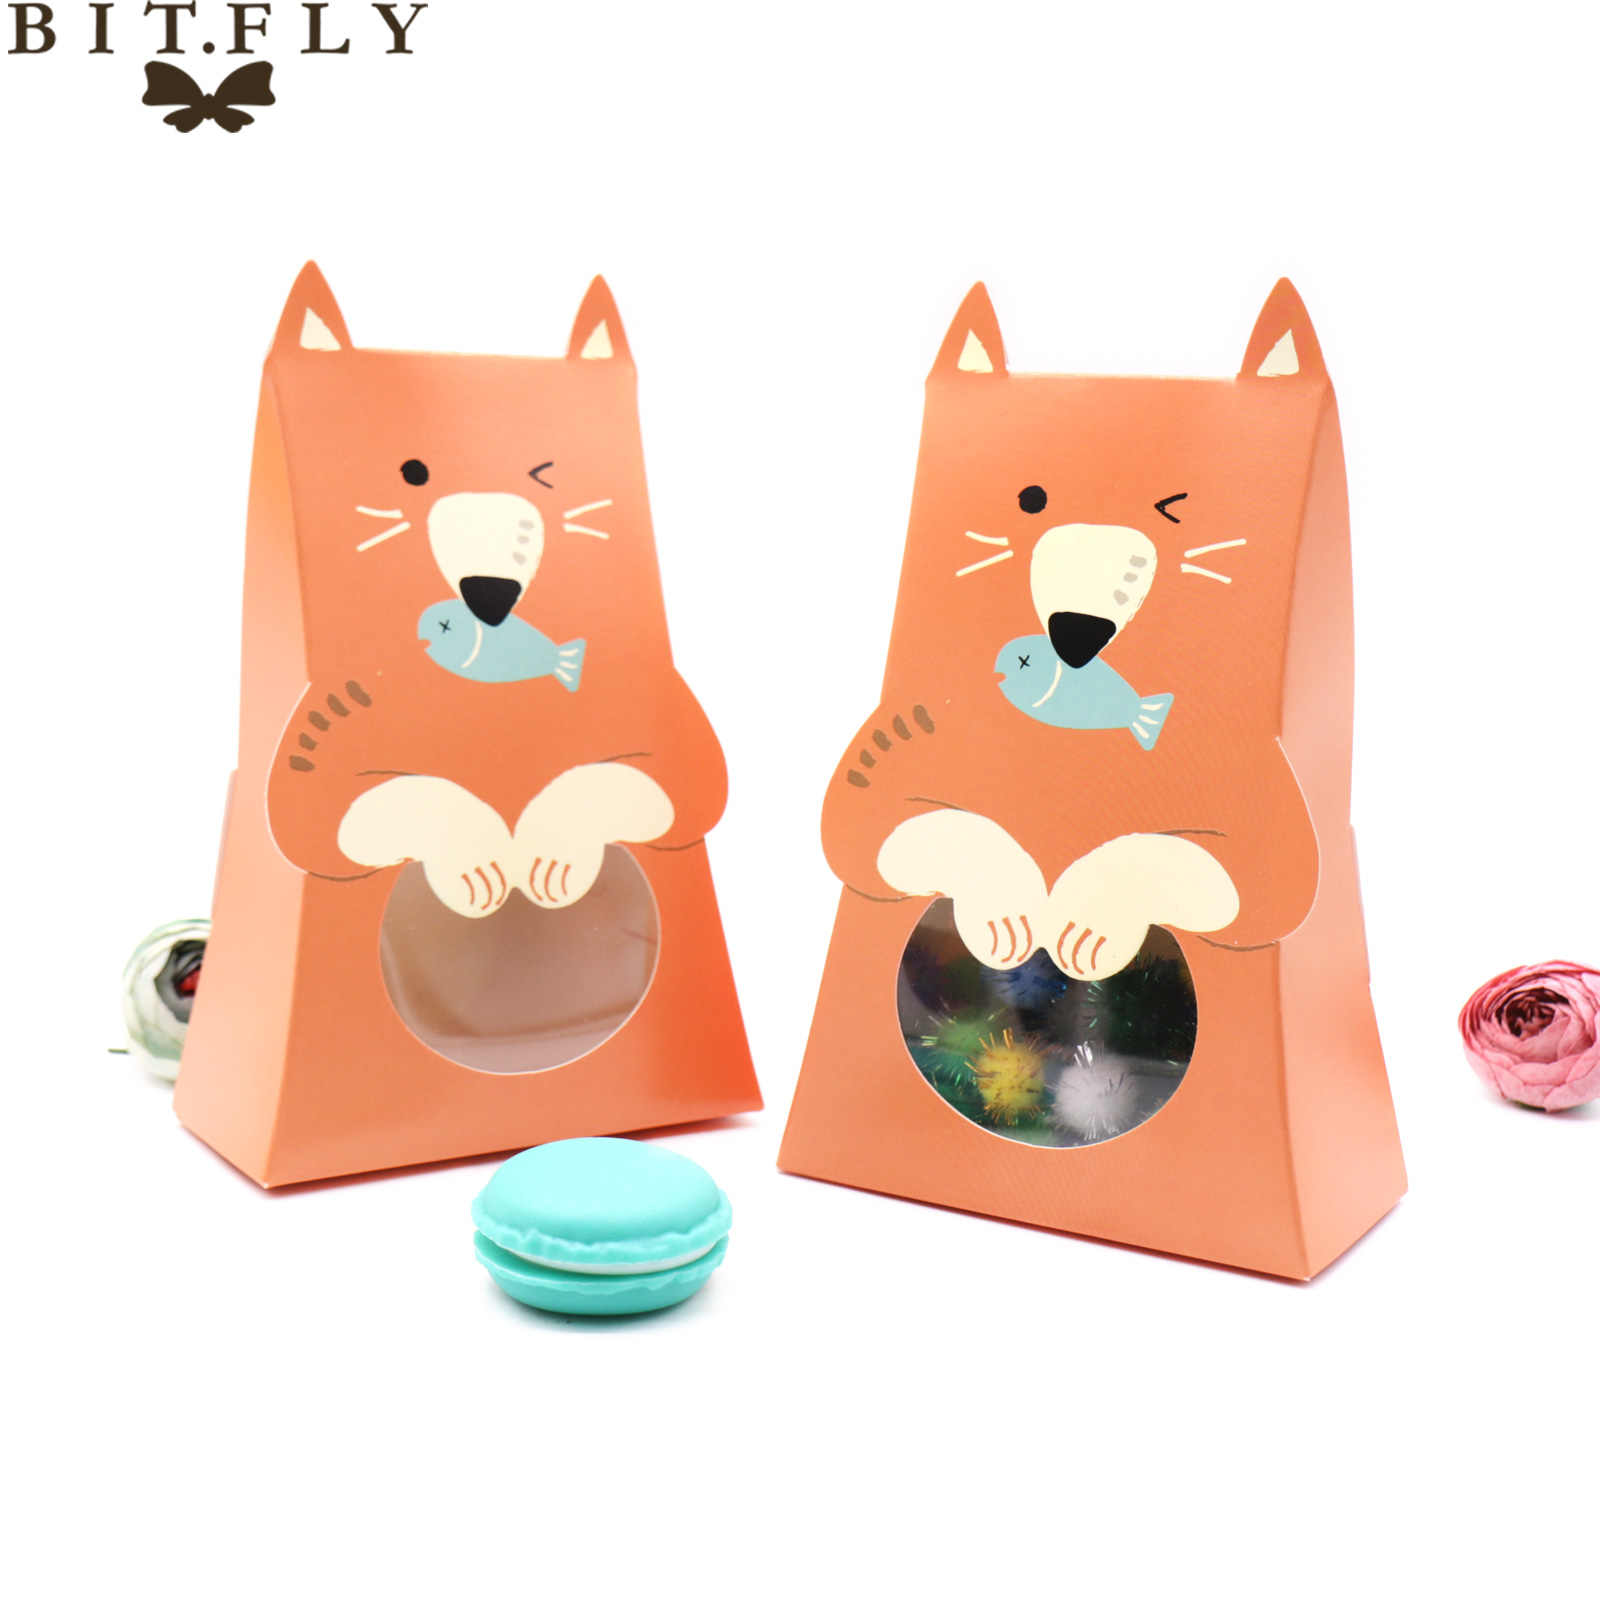 5 pçs dos desenhos animados coelho gato cão caixa de doces chocolate biscoito caixa de presente caixa de embalagem janela crianças favor chá de fraldas festa de aniversário fornecimento